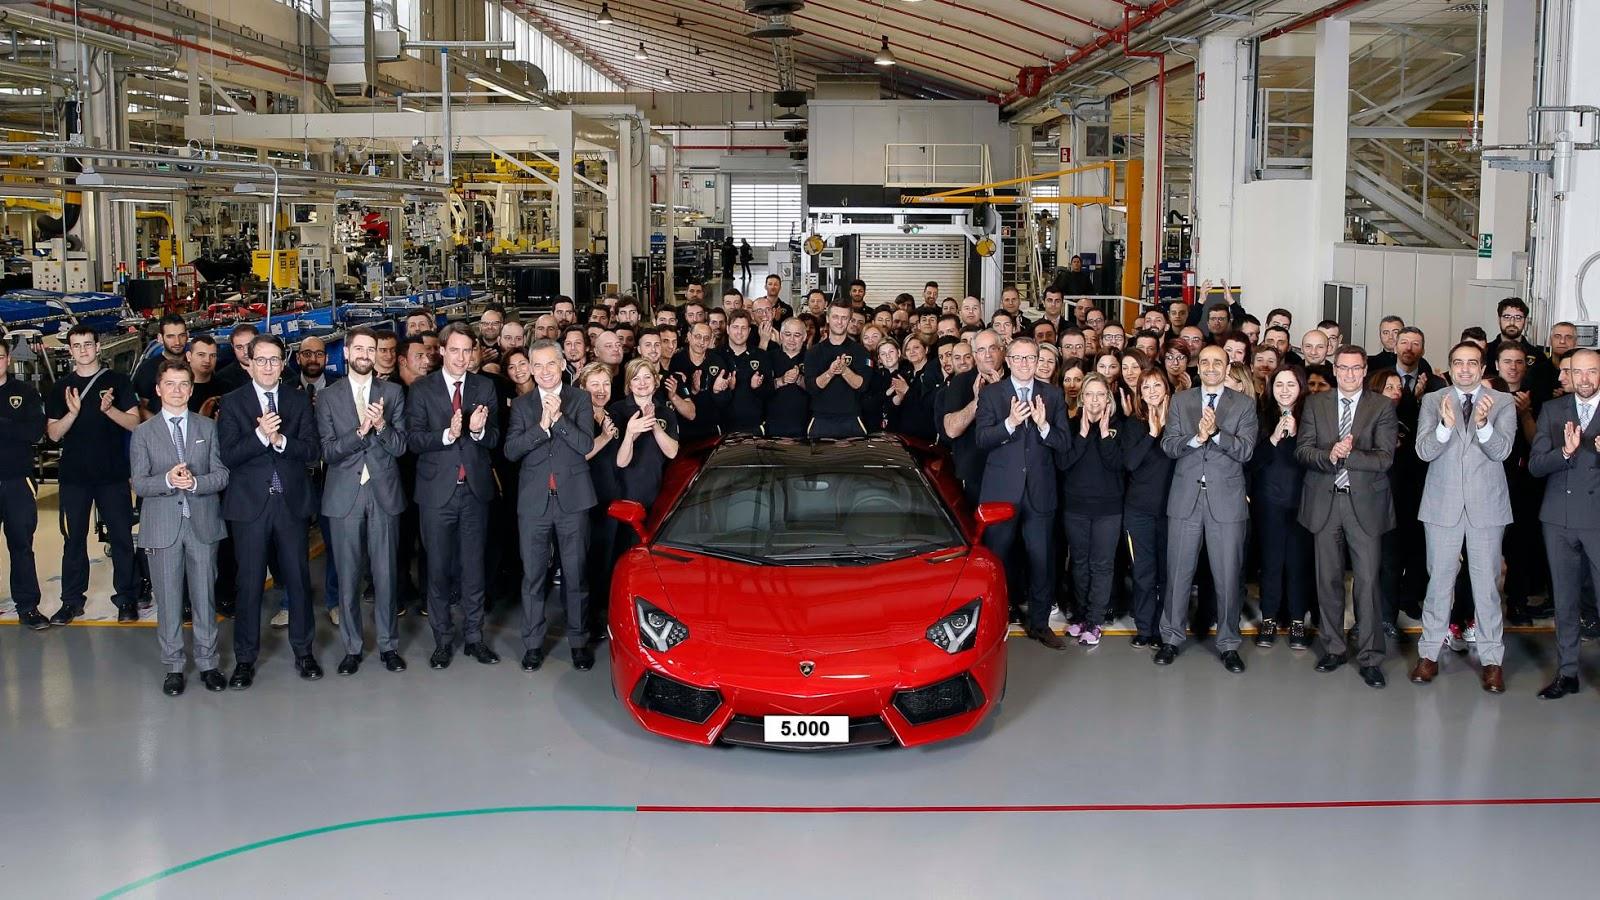 Siêu xe Lamborghini Aventador cán mốc 5000 chiếc